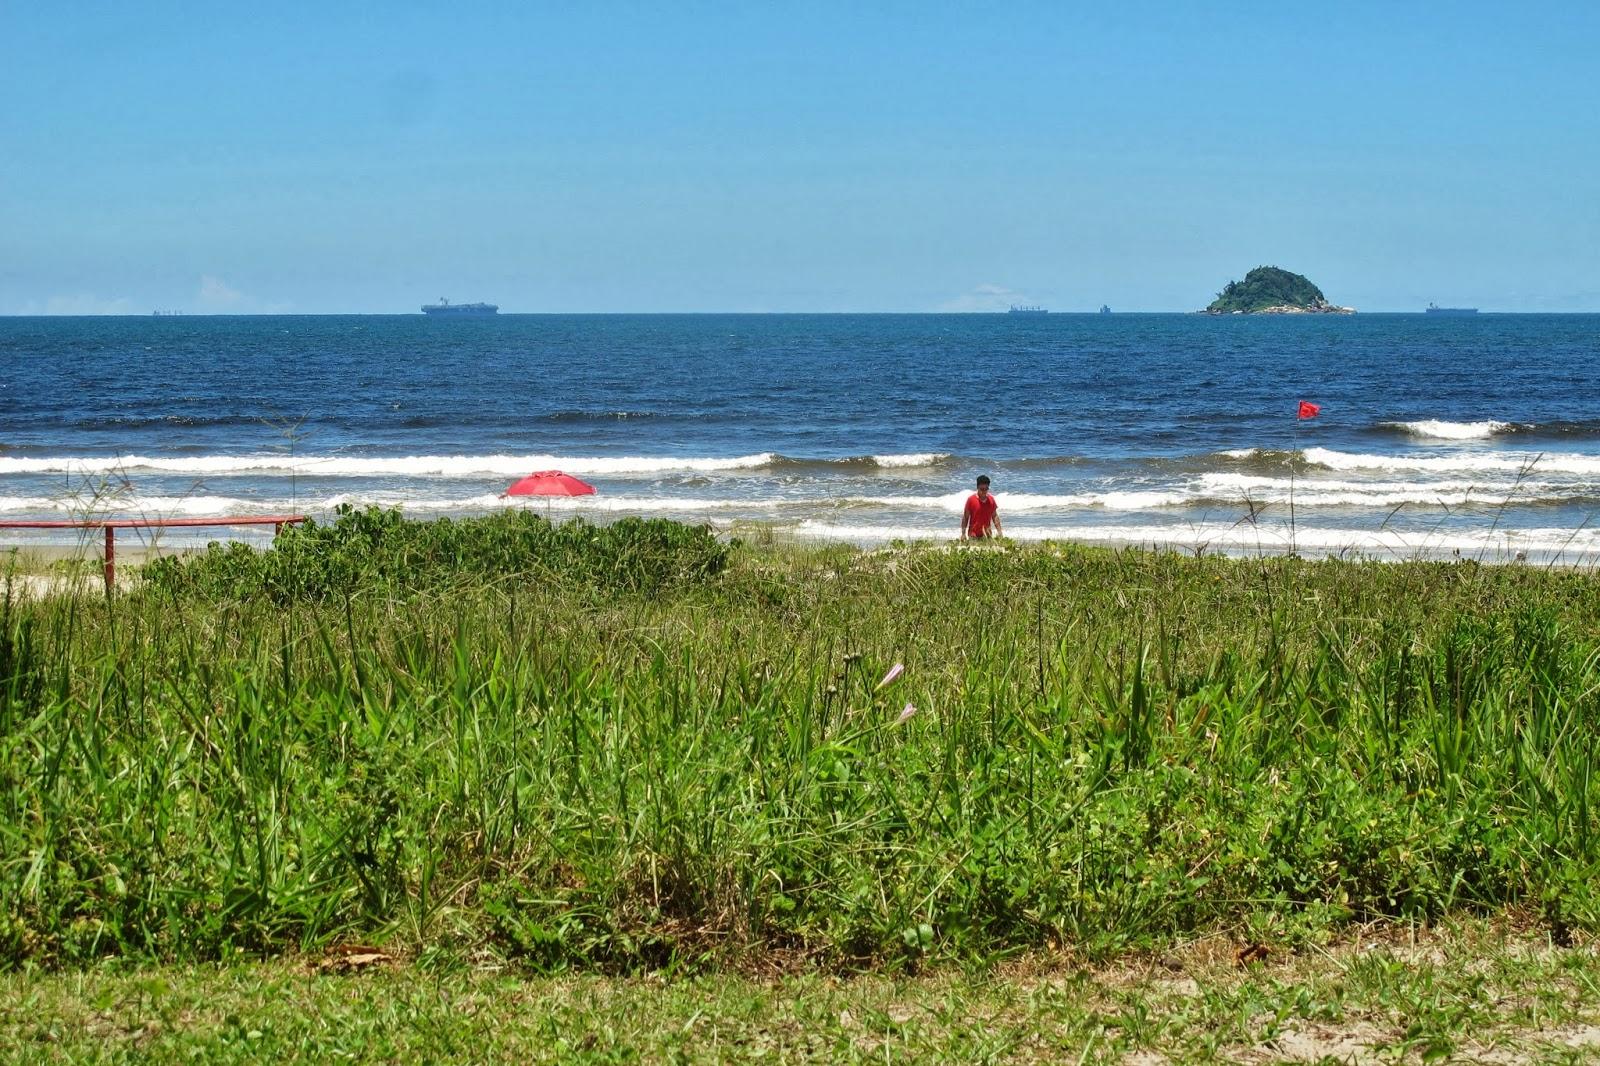 Praia da Enseada, em São Francisco do Sul, no litoral de Santa Catarina.